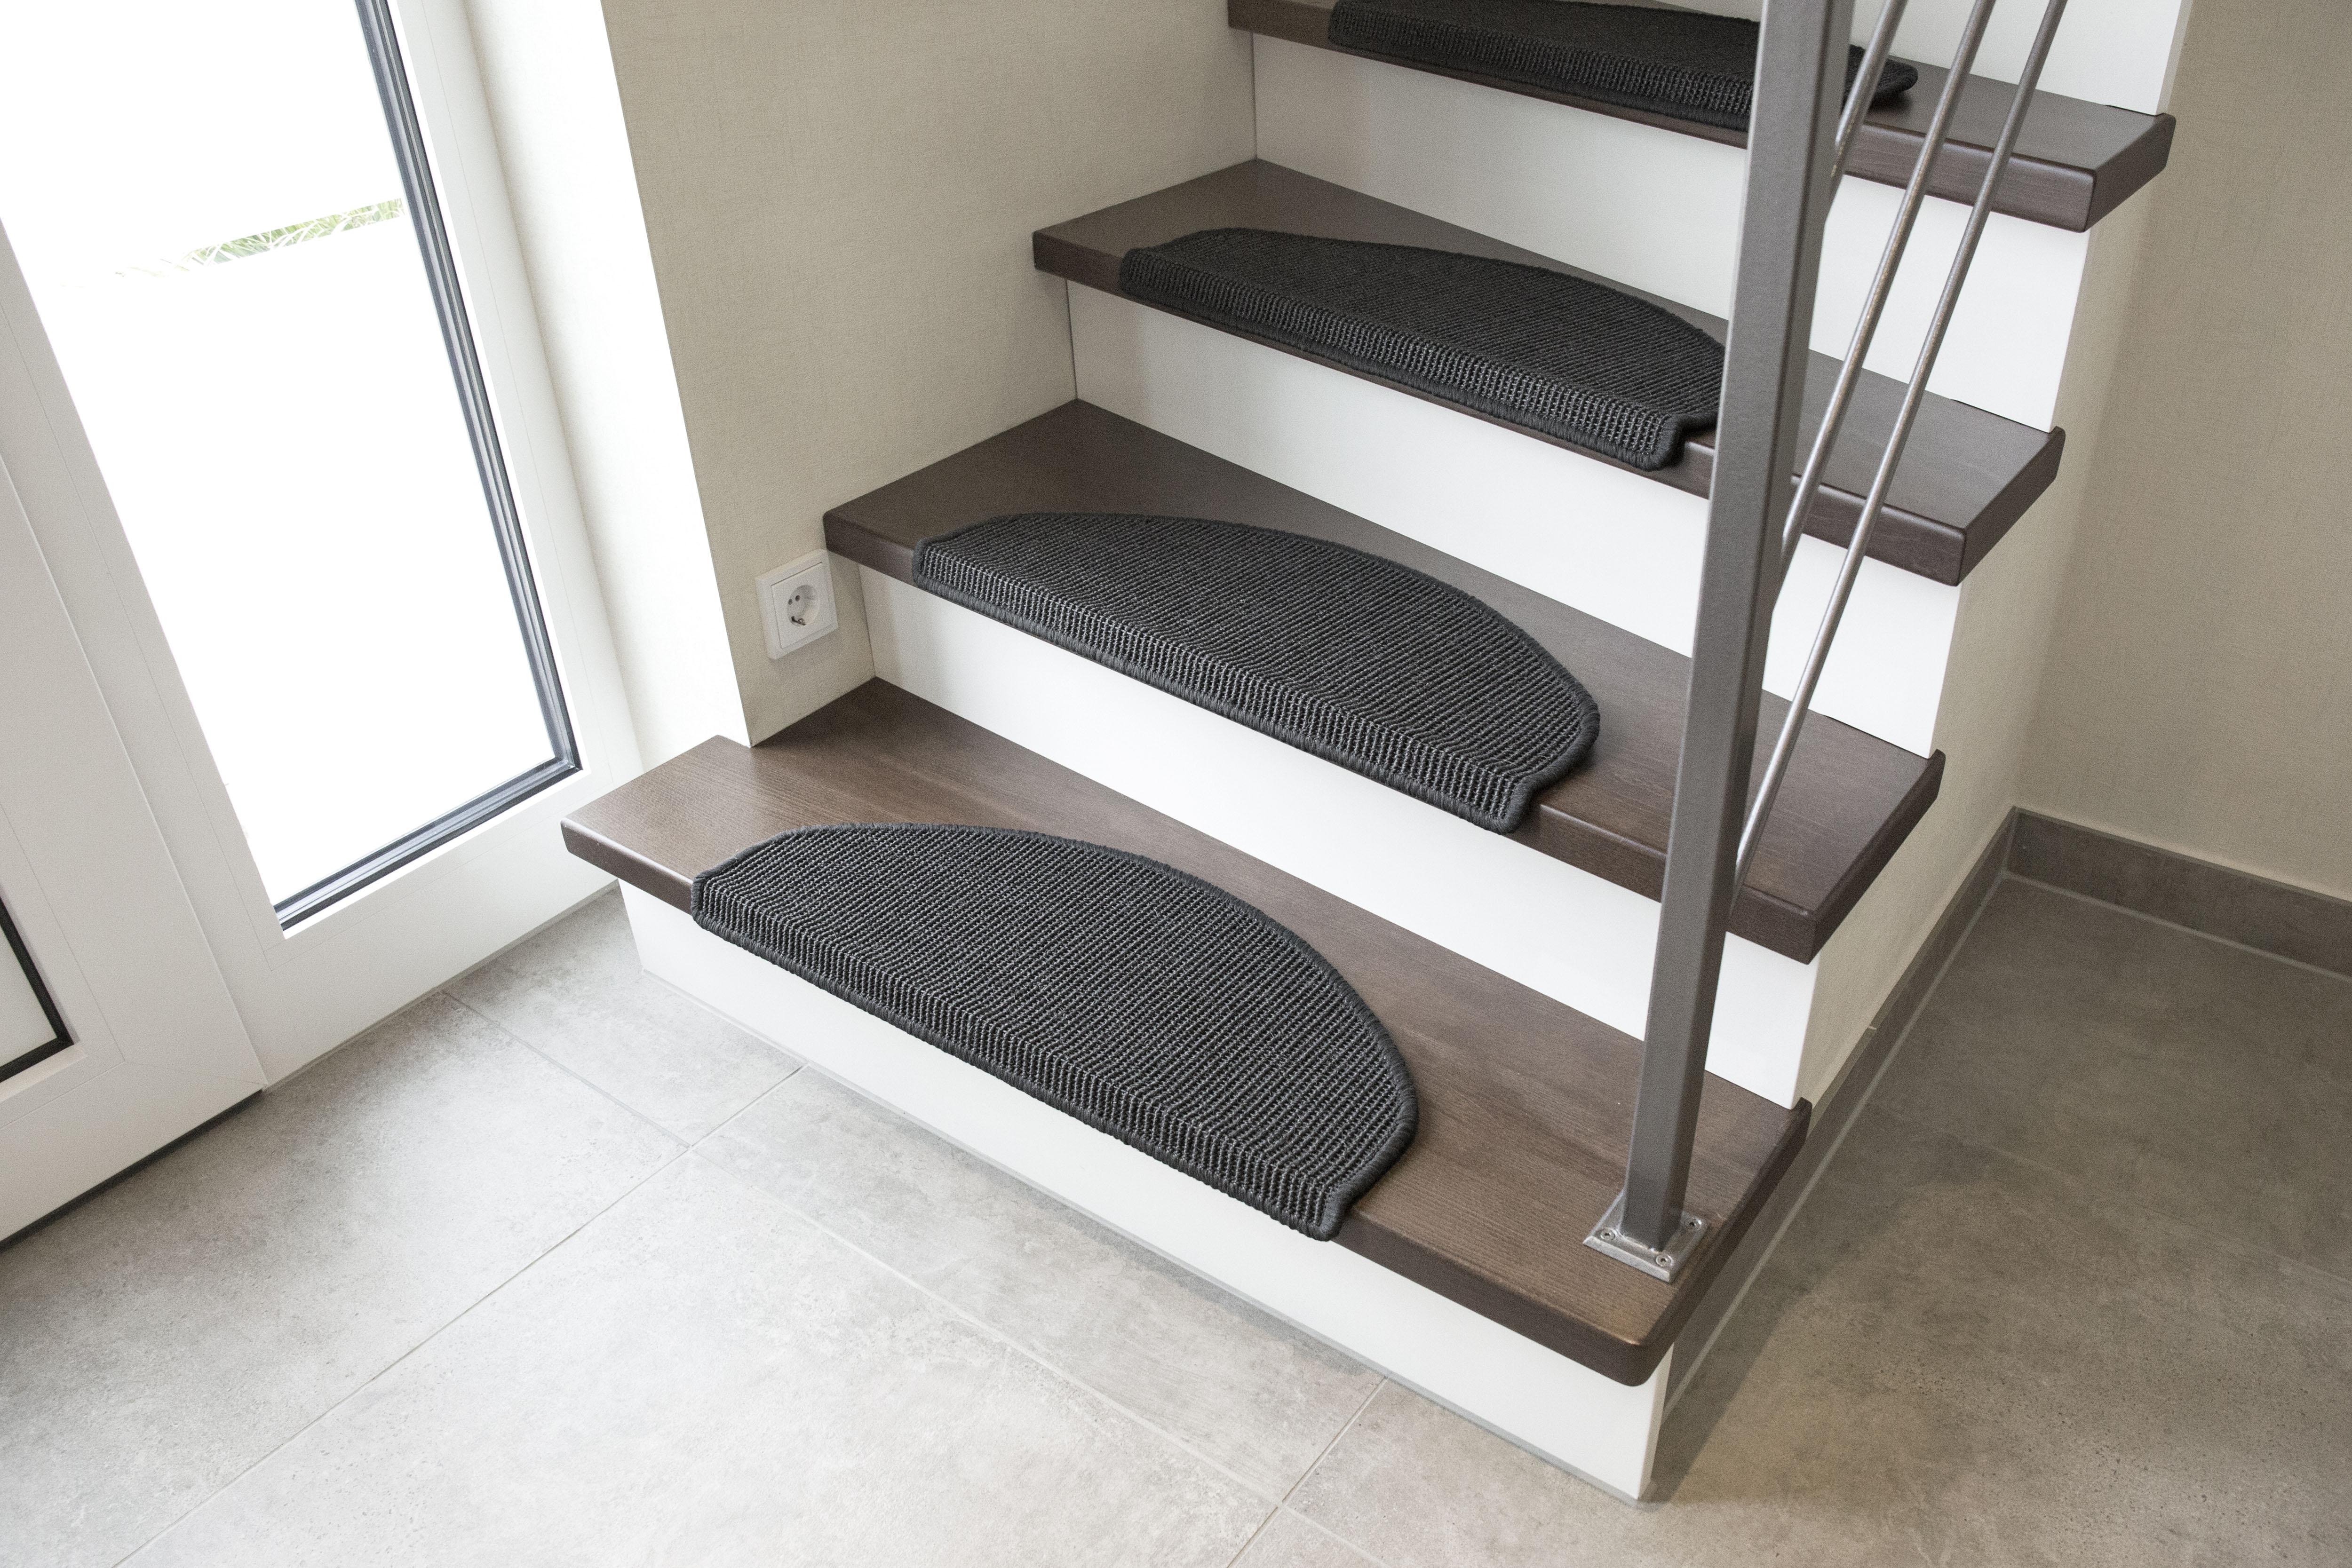 Andiamo Stufenmatte Odense, halbrund, 9 mm Höhe, 100% Sisal, erhältlich als Set mit 2 Stück oder 15 grau Stufenmatten Teppiche